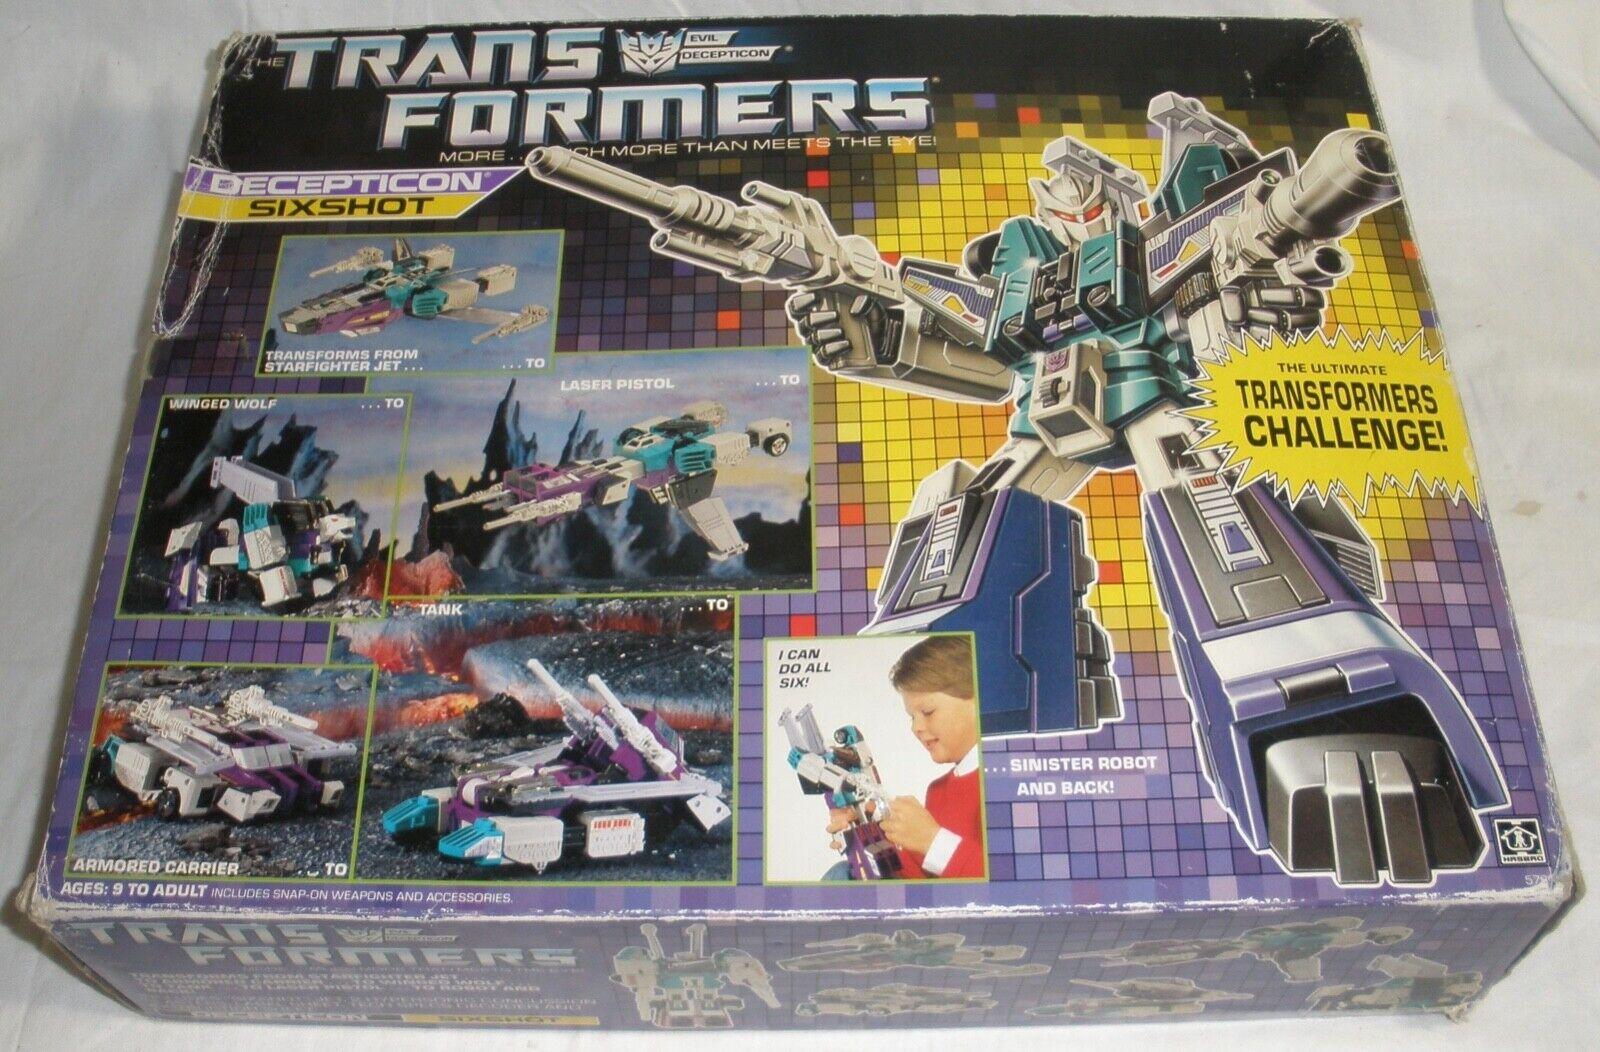 Transformers Decepticon sixscaliente in scatola da collezione giocattolo di qualità